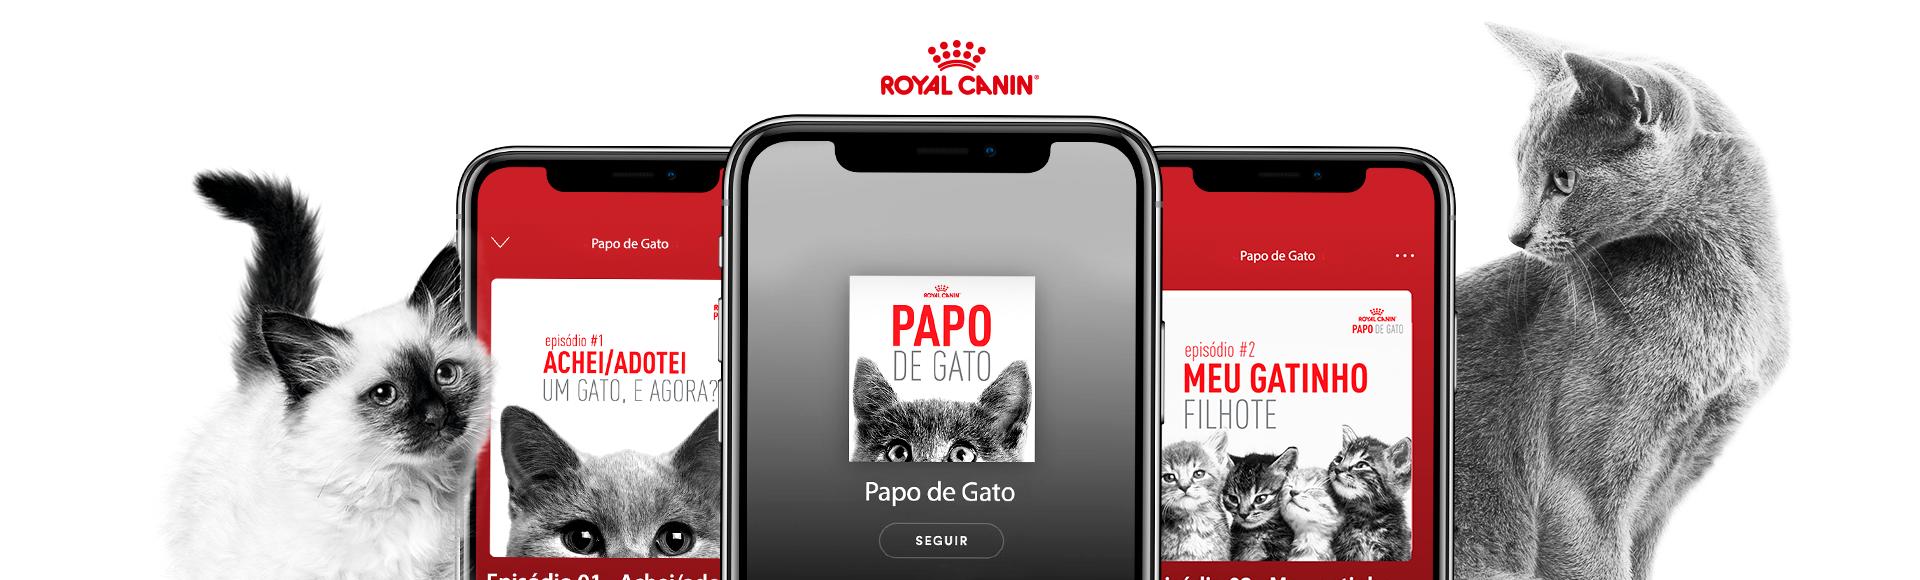 home-hero do case: Papo de Gato - Royal Canin